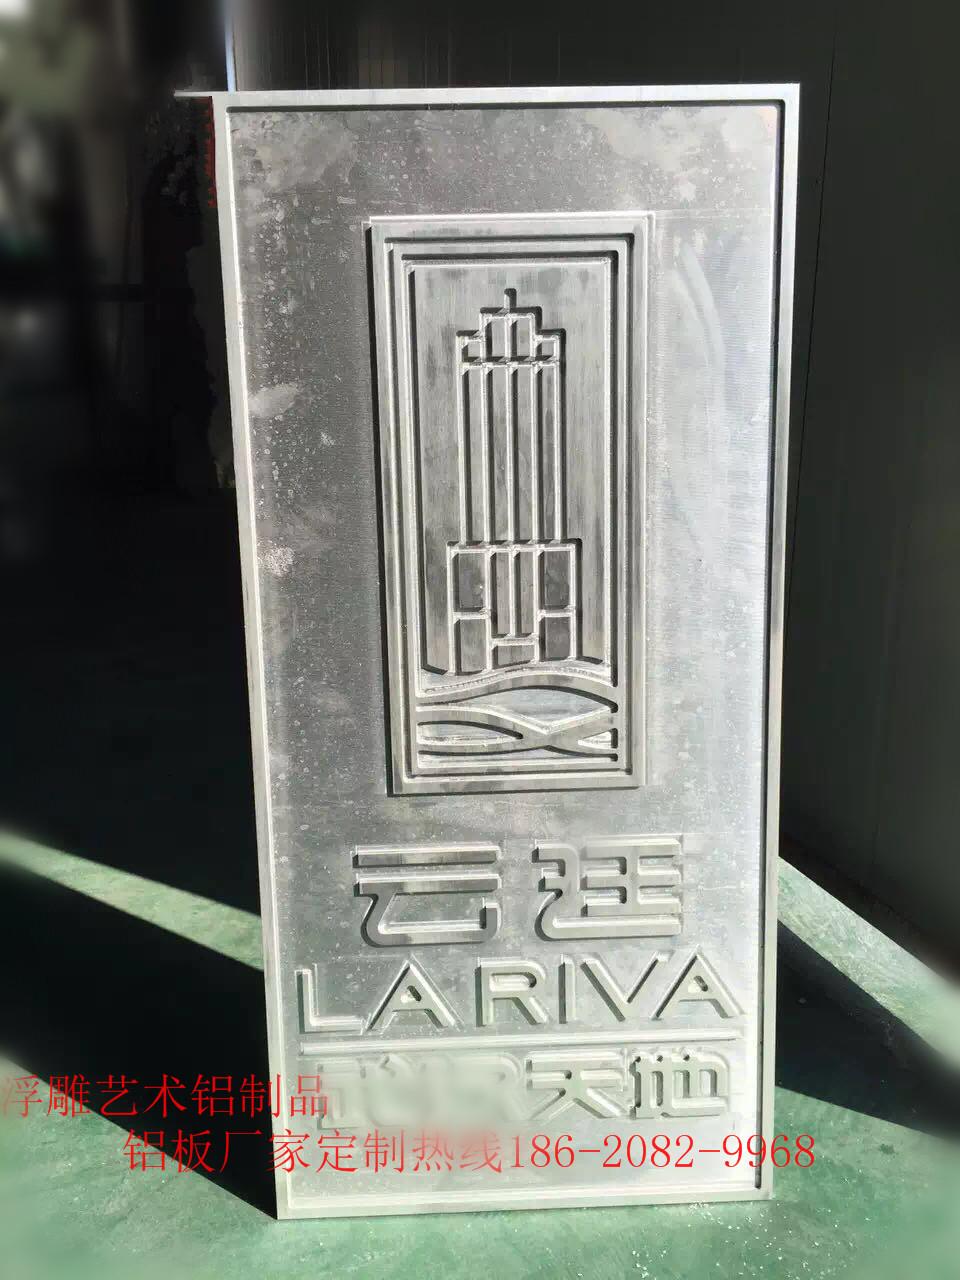 背景墙浮雕铝板|艺术品浮雕|铝单板浮雕|浮雕铝板厂家/报价